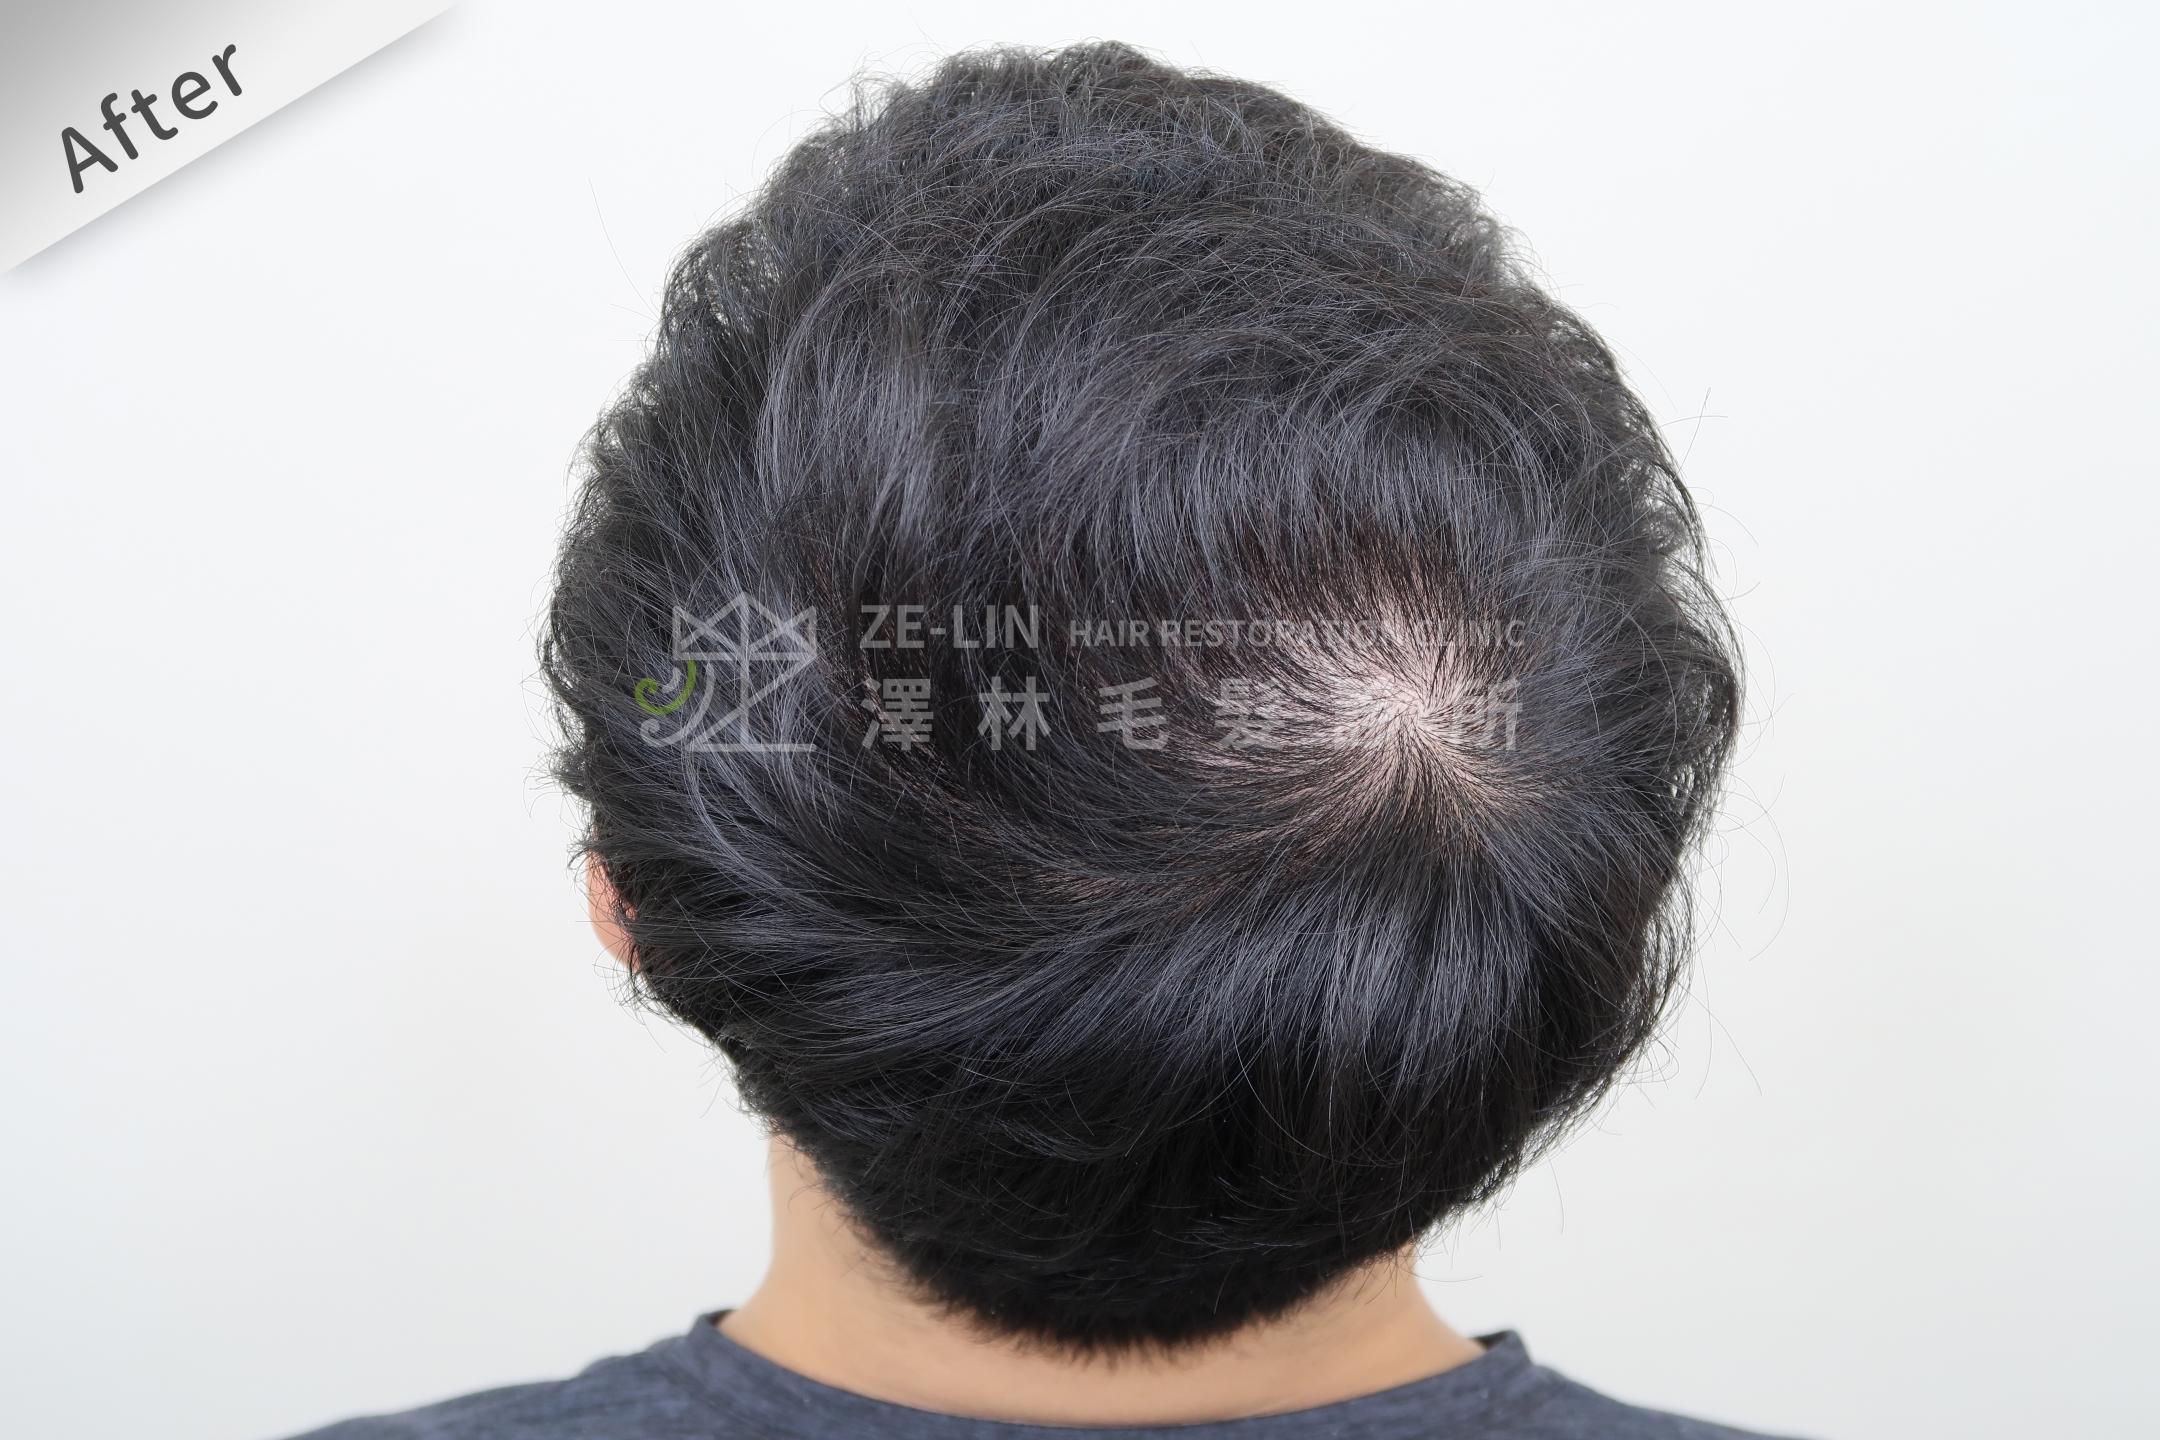 雄性禿植髮評價:術後頭頂